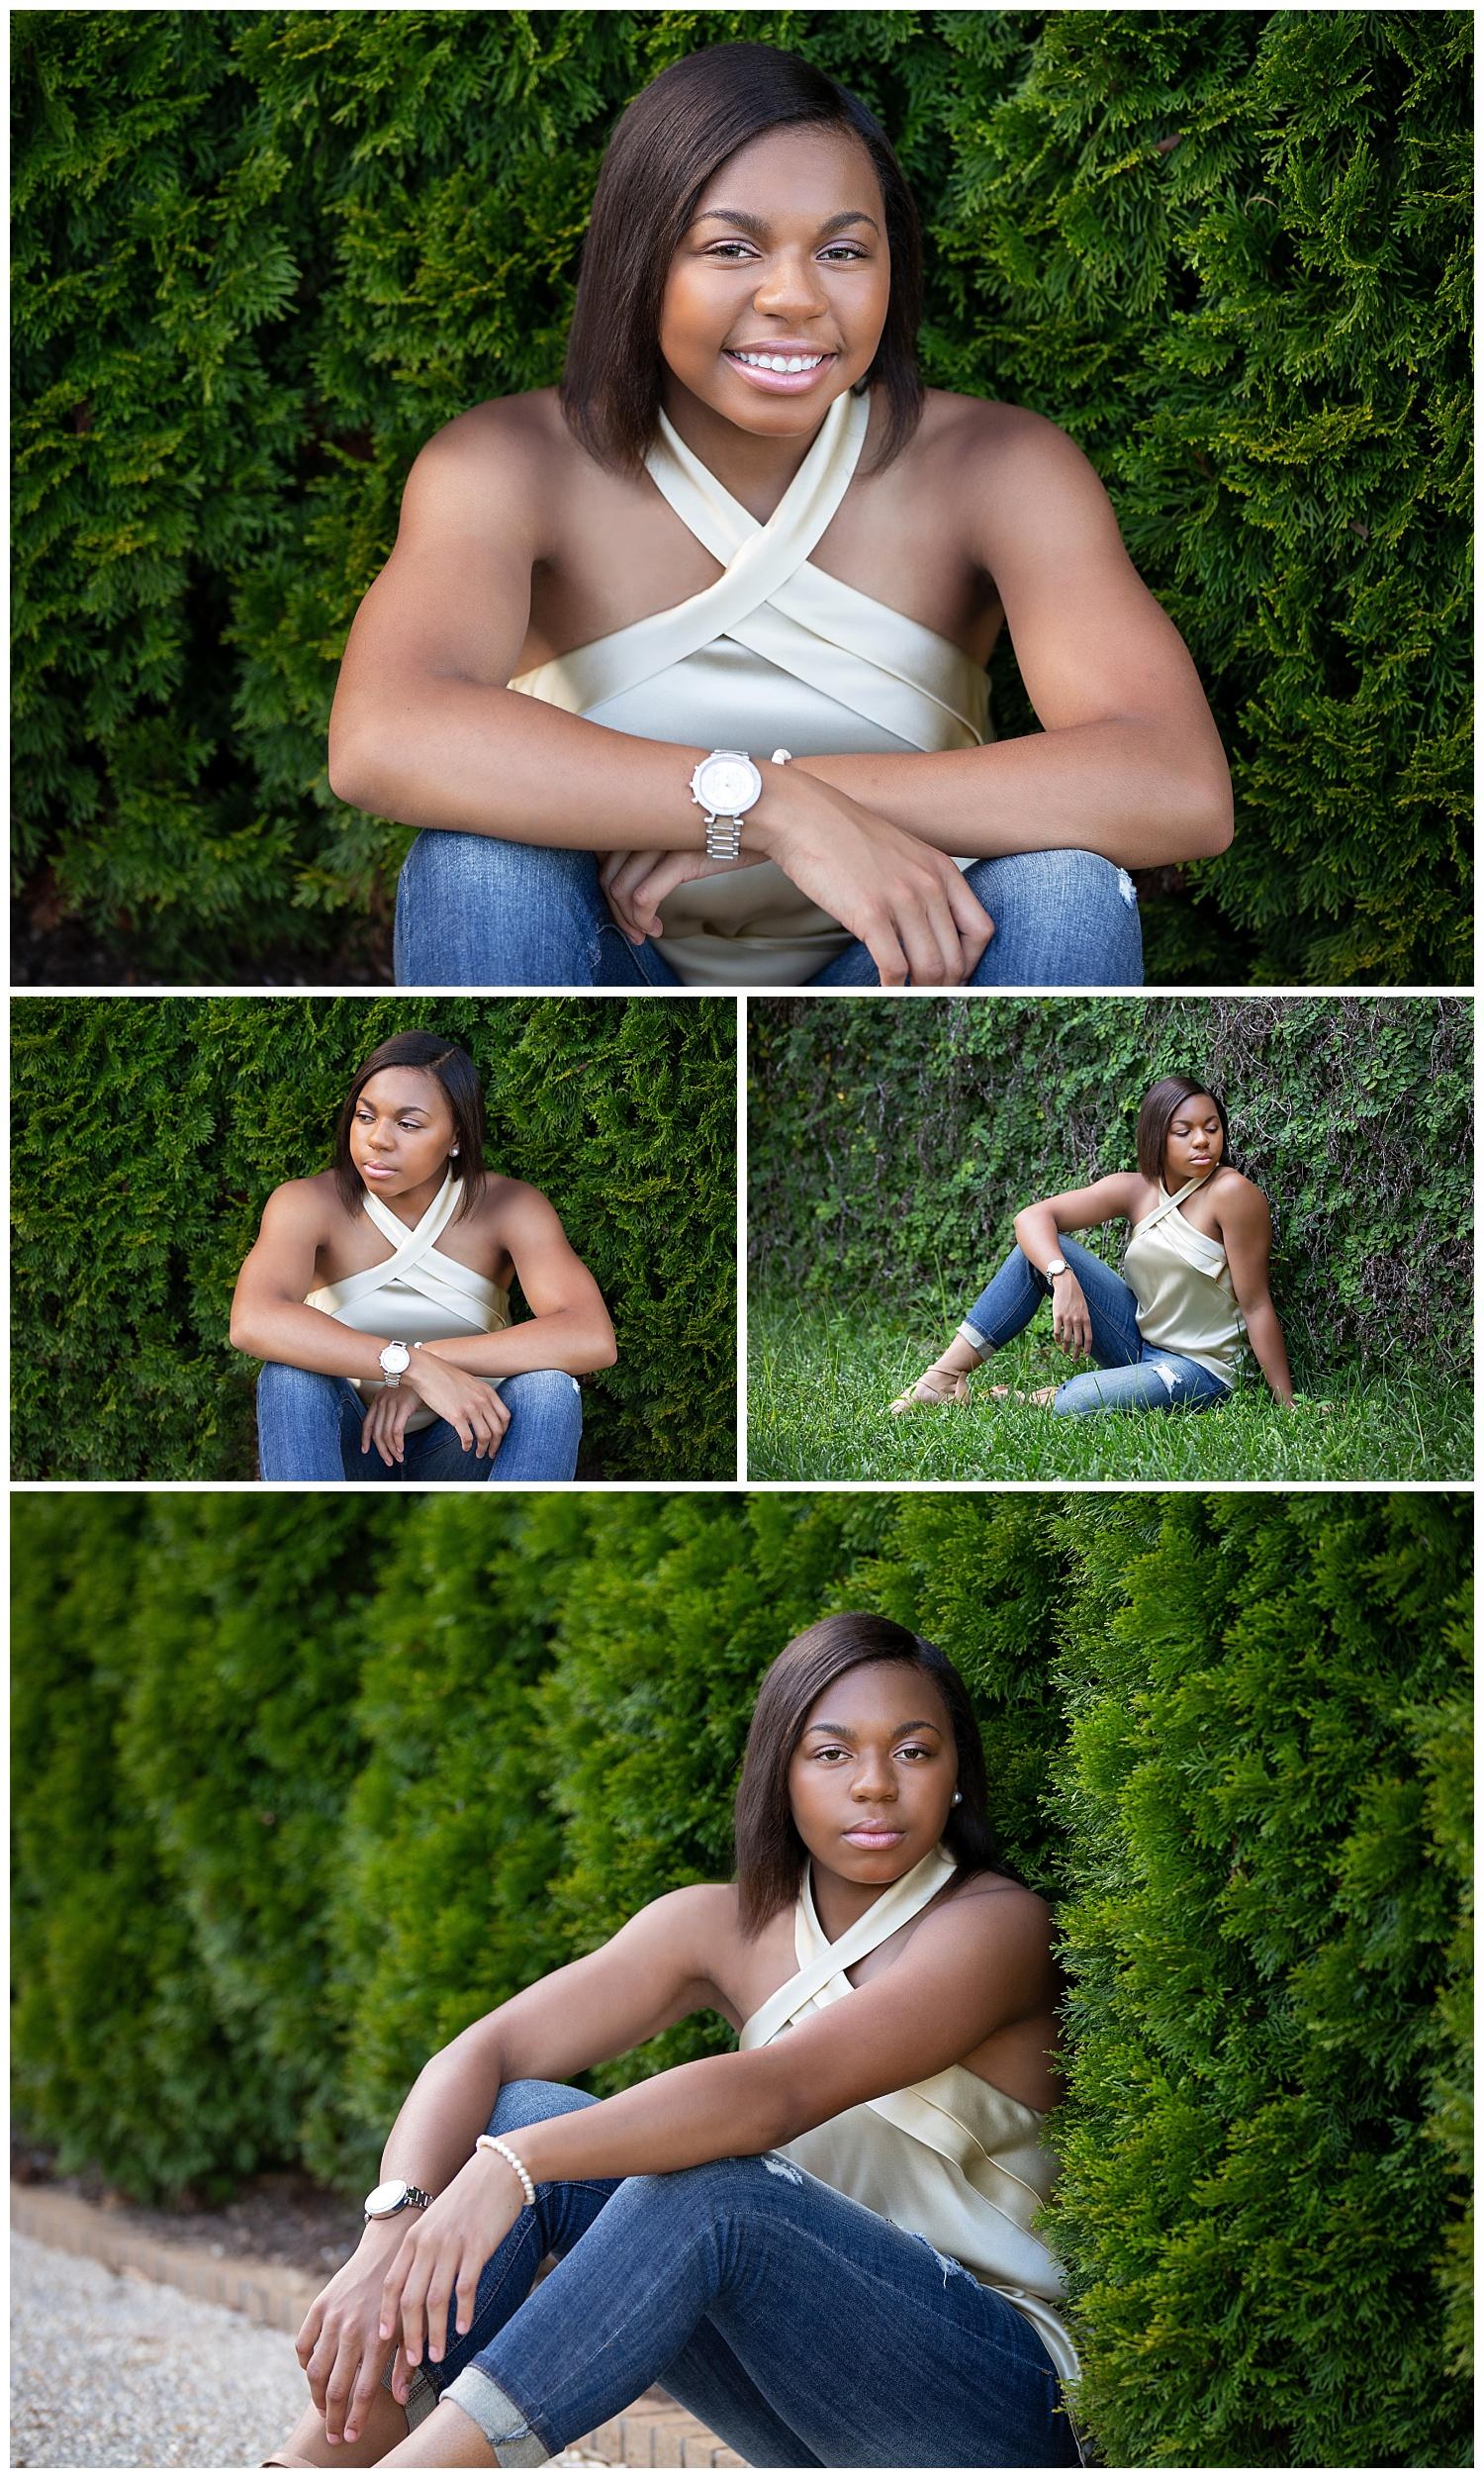 opelika high school senior photos strong arm pose